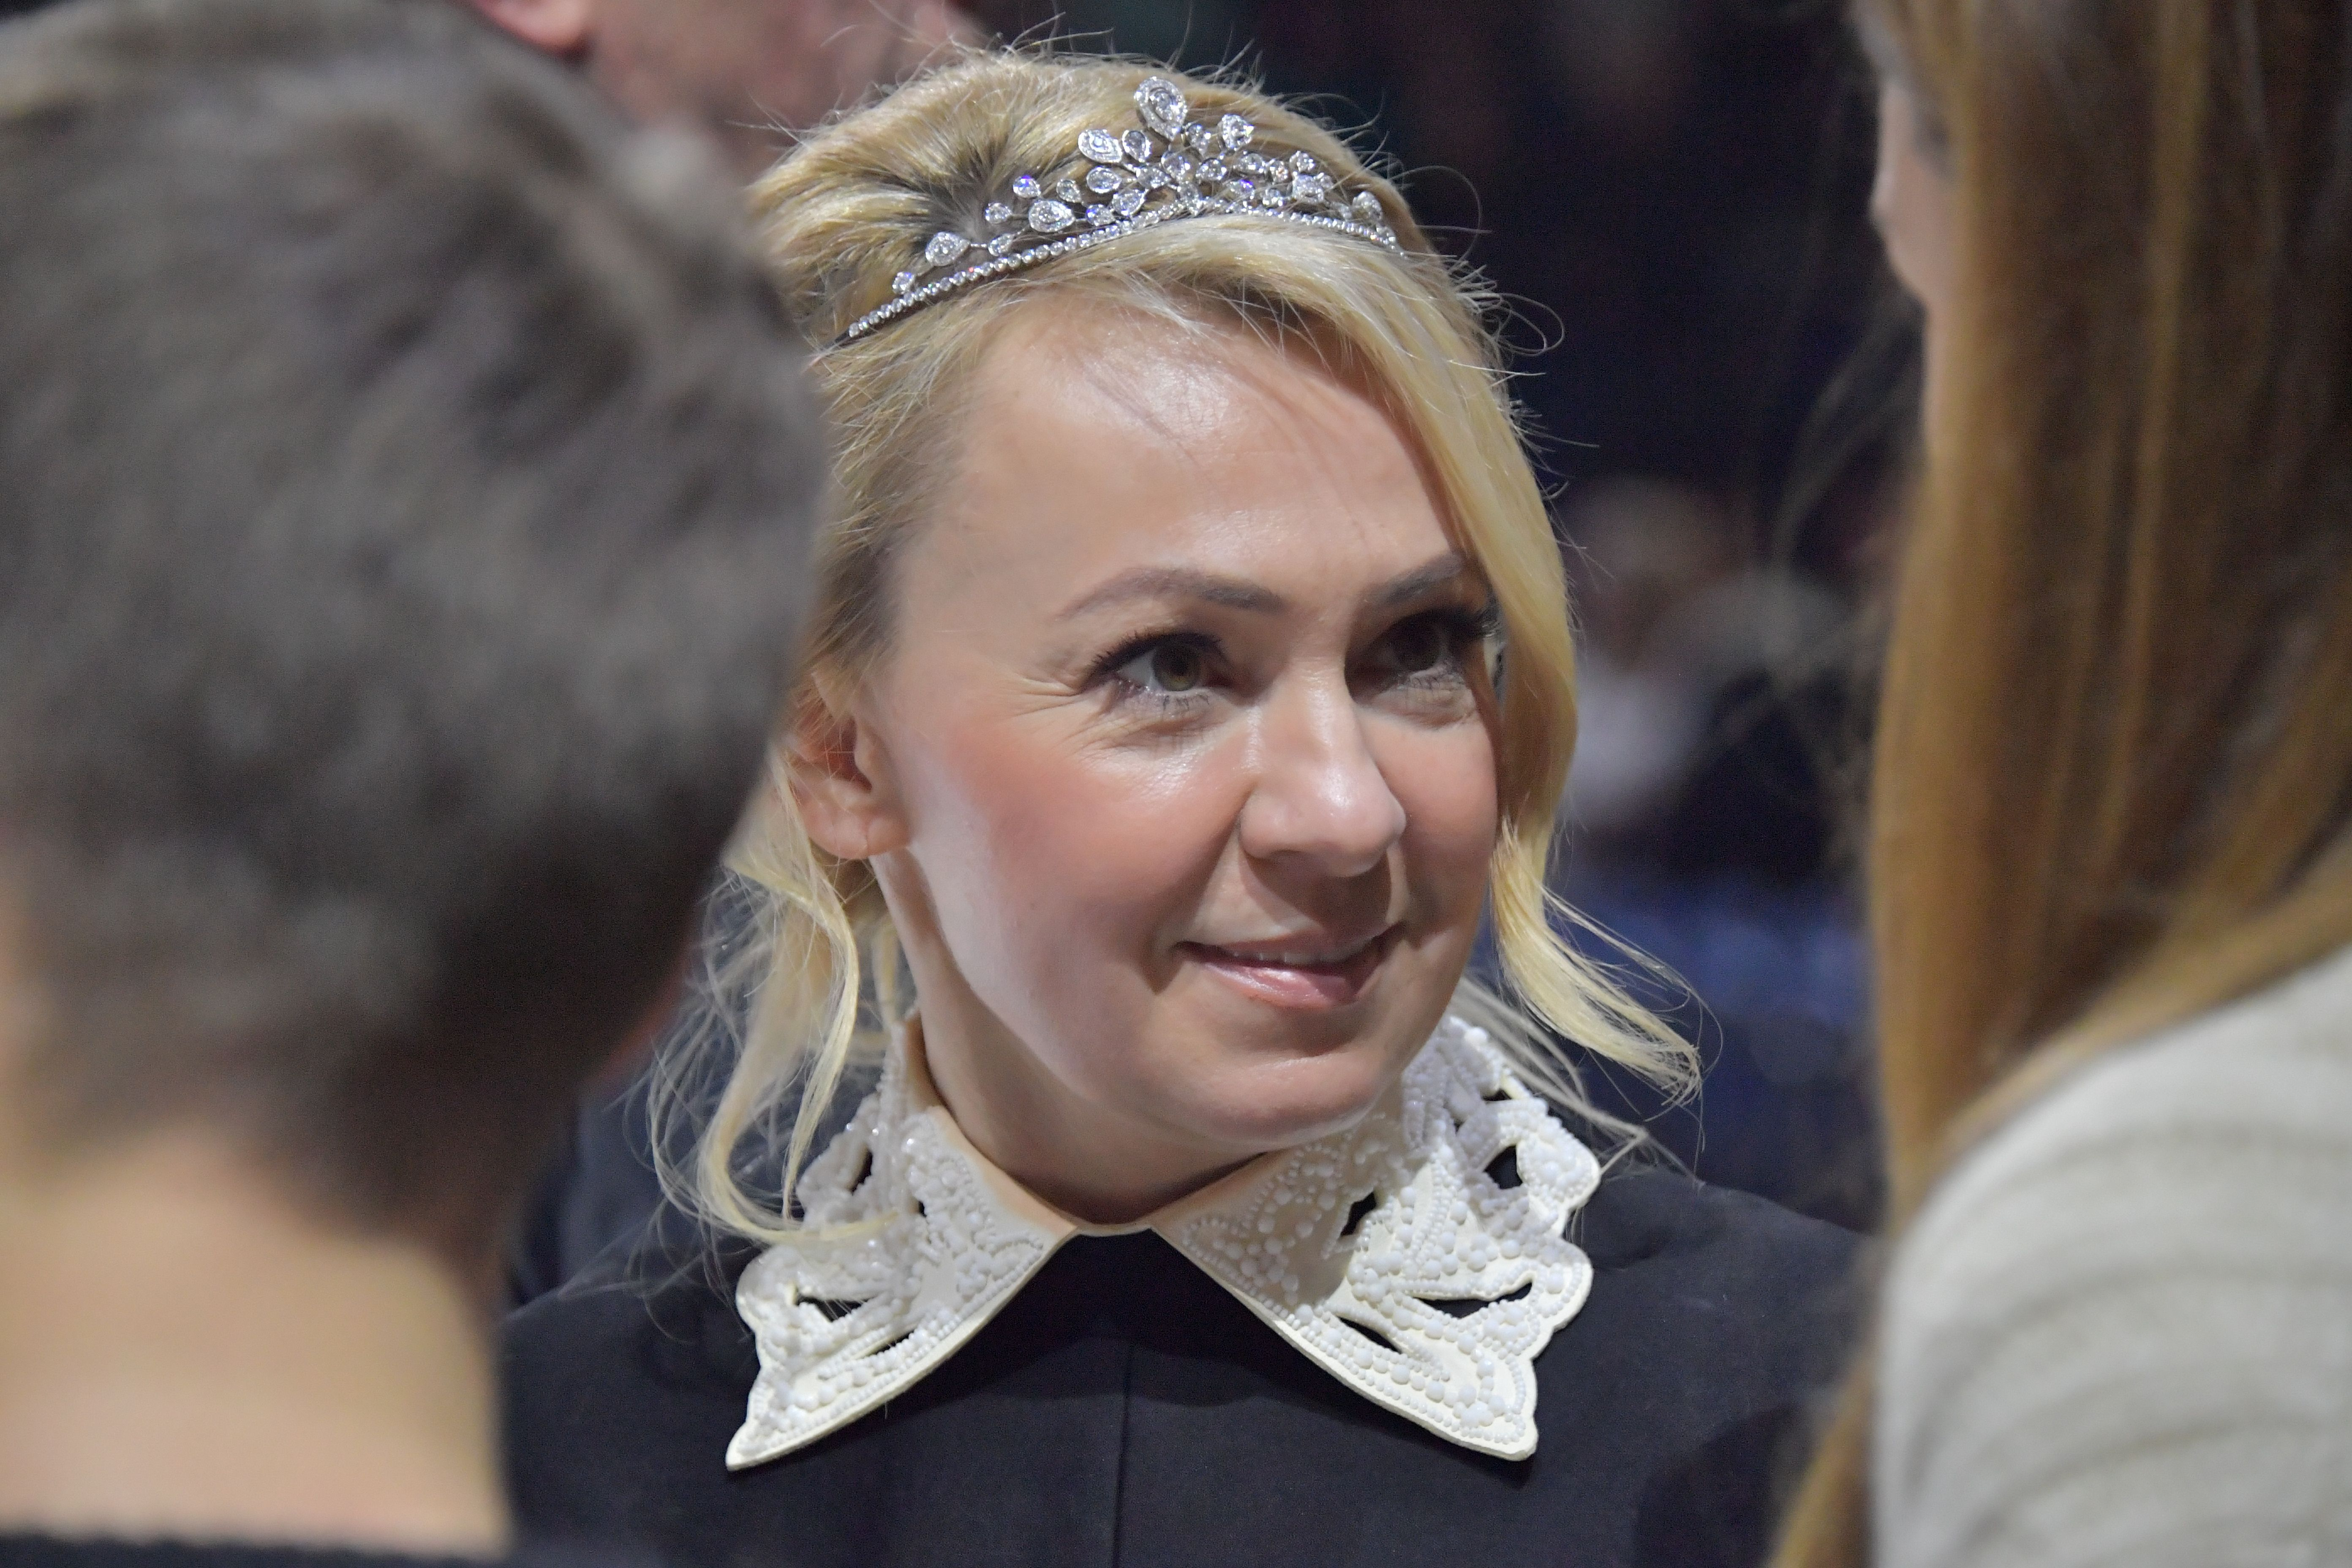 Рудковская жёстко высказалась о своём 8-летнем сыне: С фамилией Плющенко у него нет права на ошибку